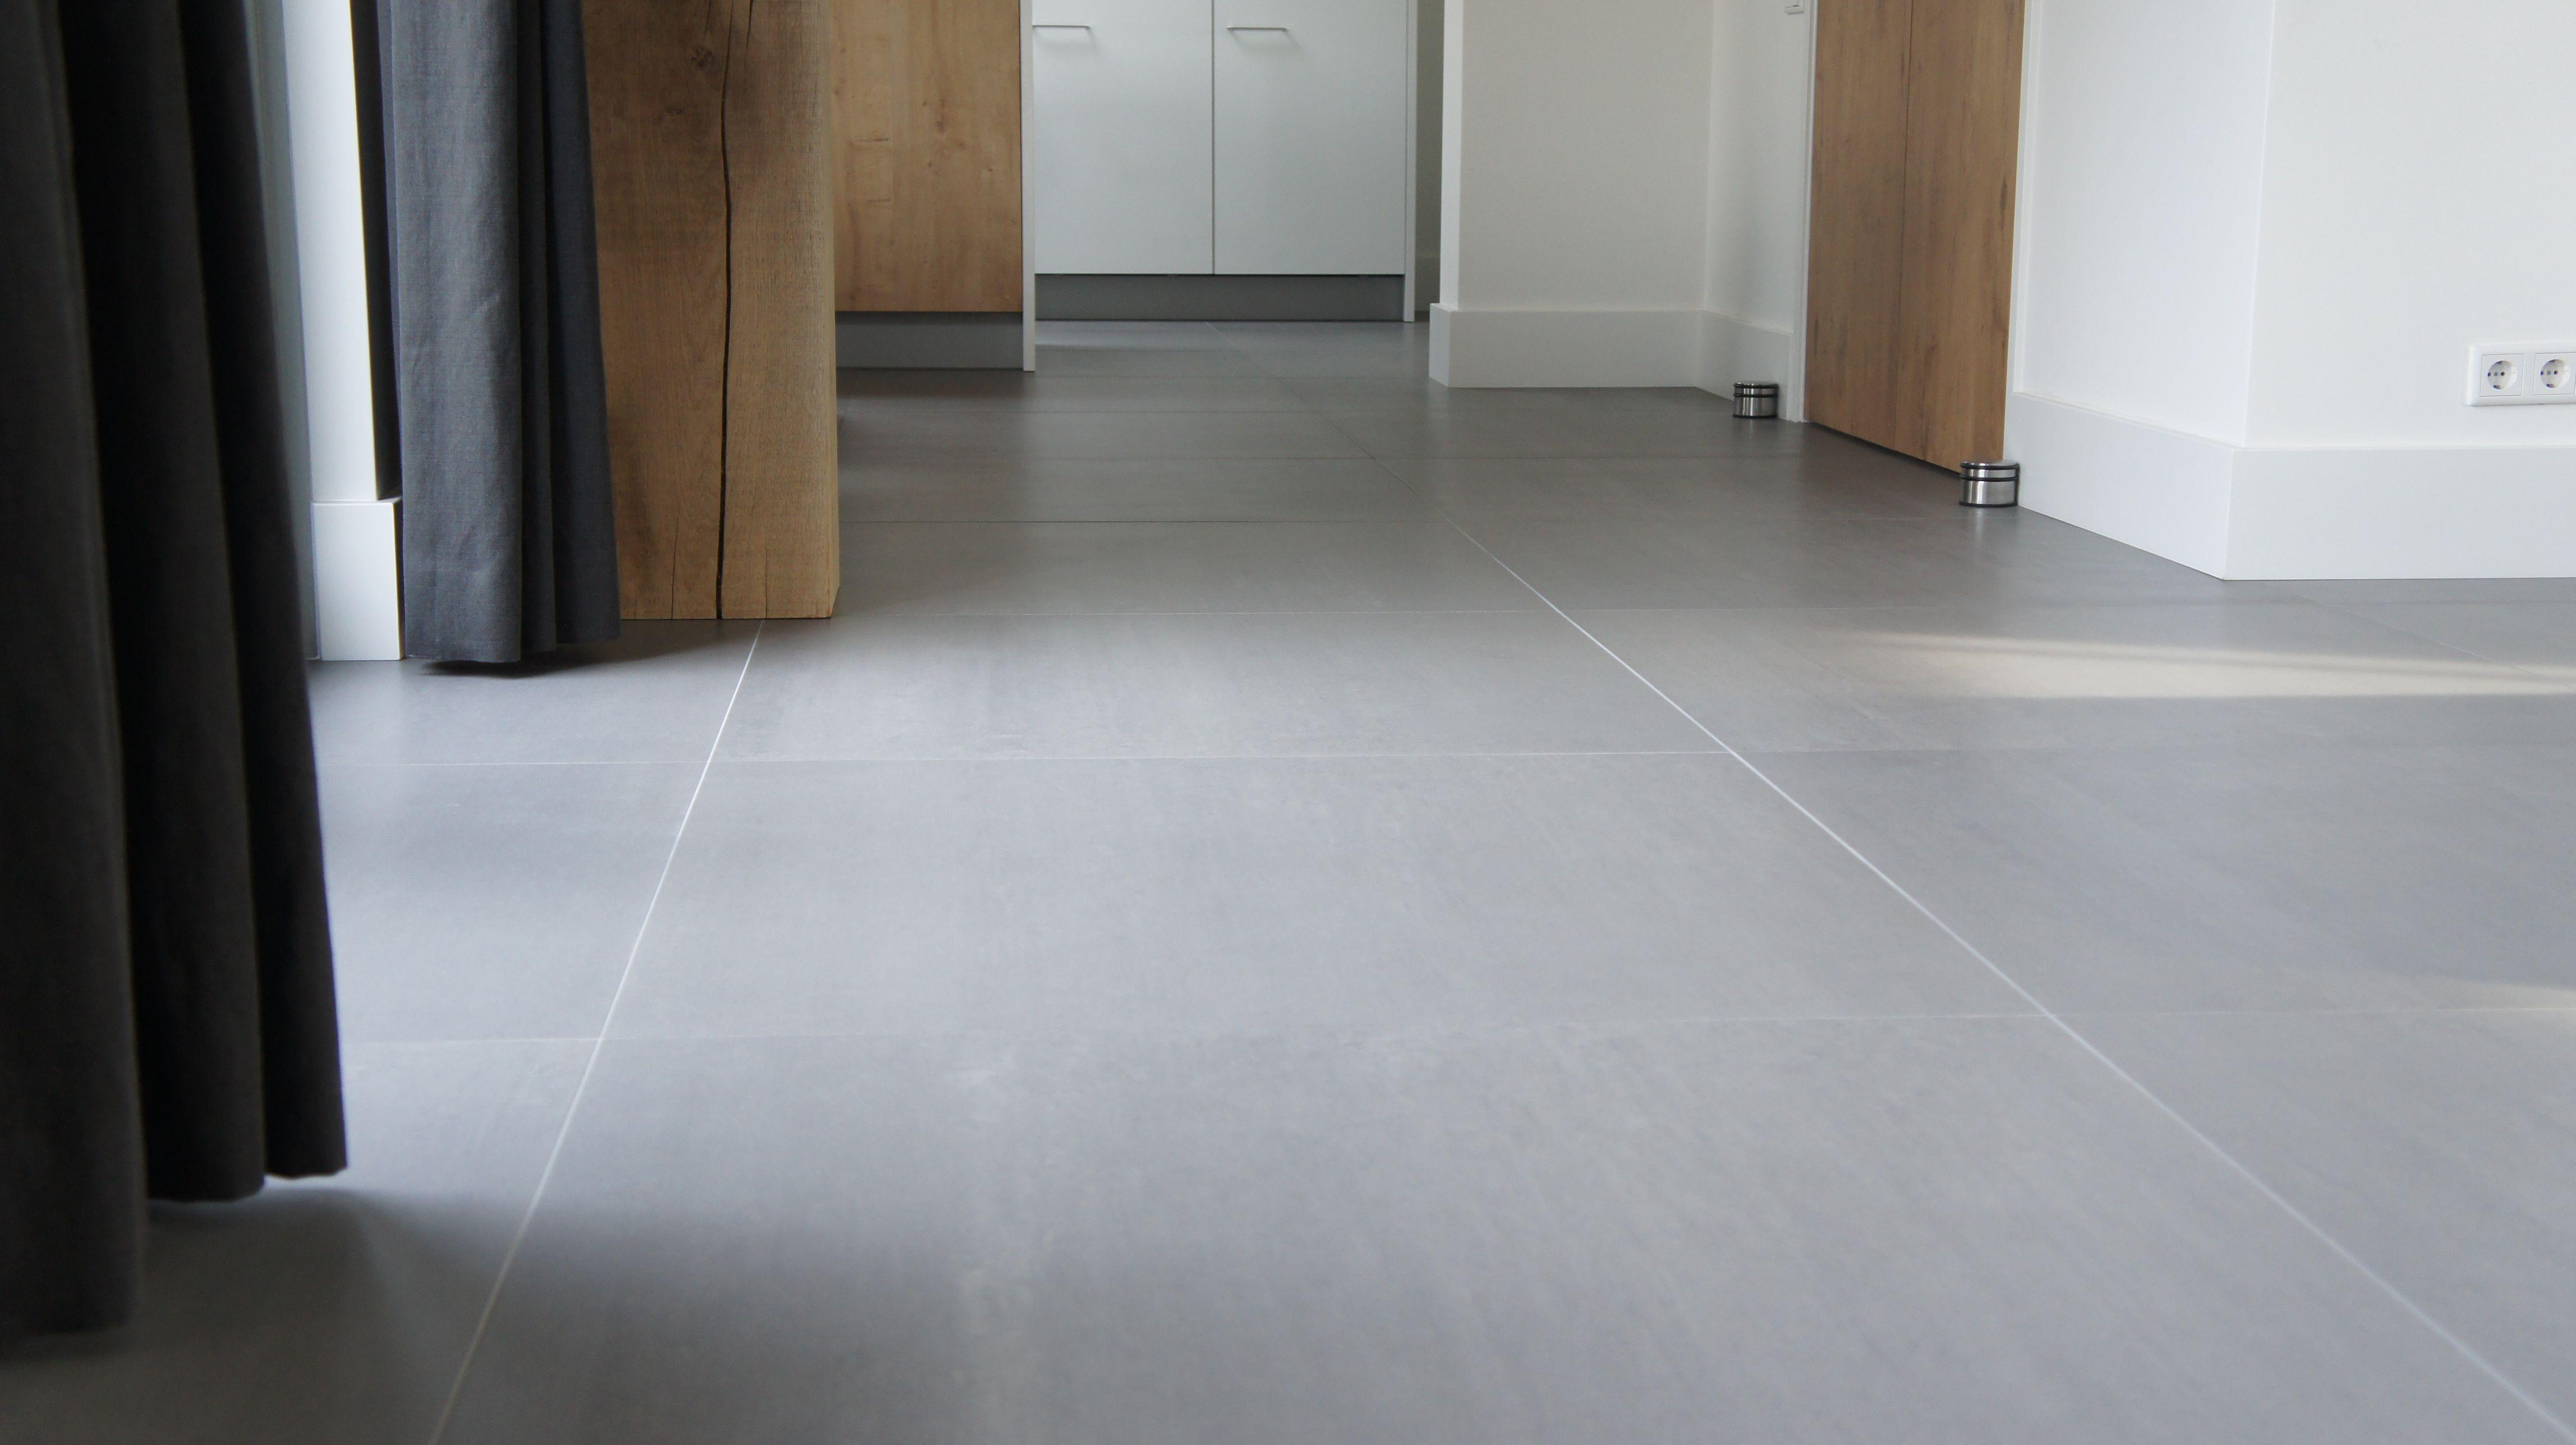 tegelvloer betonlook antraciet 100 x 100 cm woonkamer/keuken, Deco ideeën